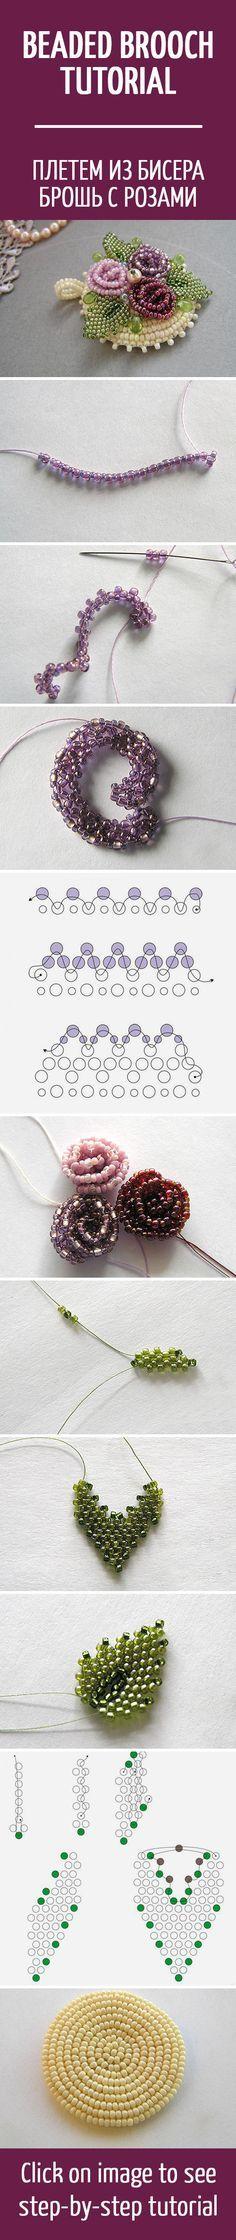 Плетем из бисера брошь с розочками / Beaded brooch tutorial